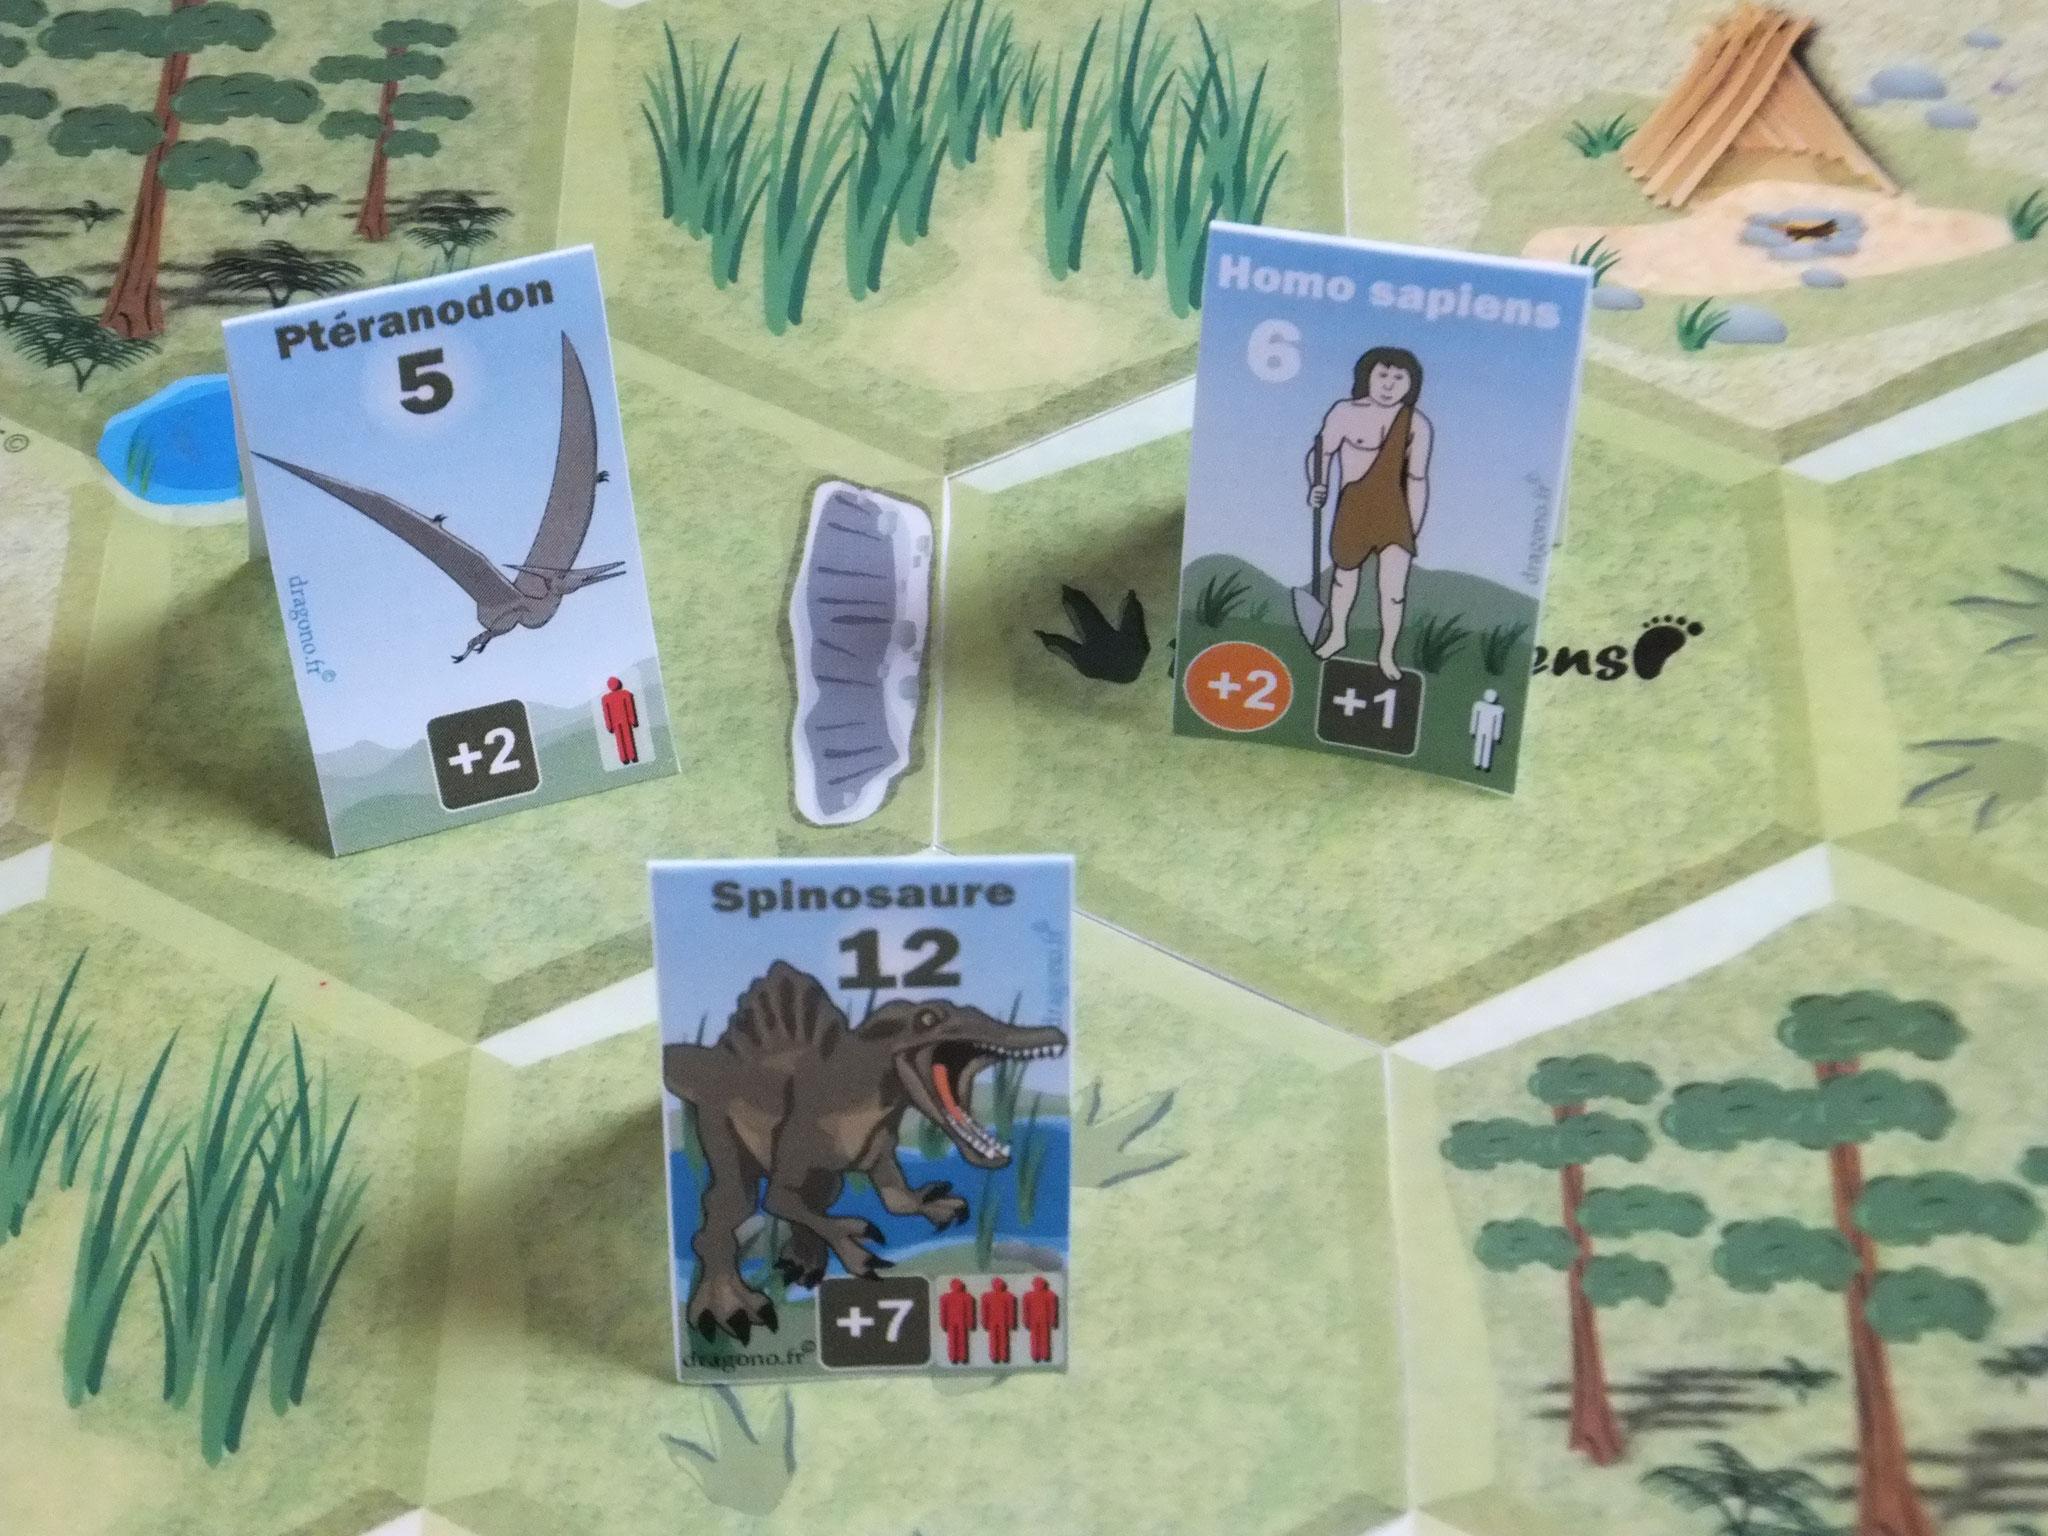 Jeux A Imprimer Pour Enfants, Famille, Ludiques, Éducatifs intérieur Jeux Educatif Enfant Gratuit